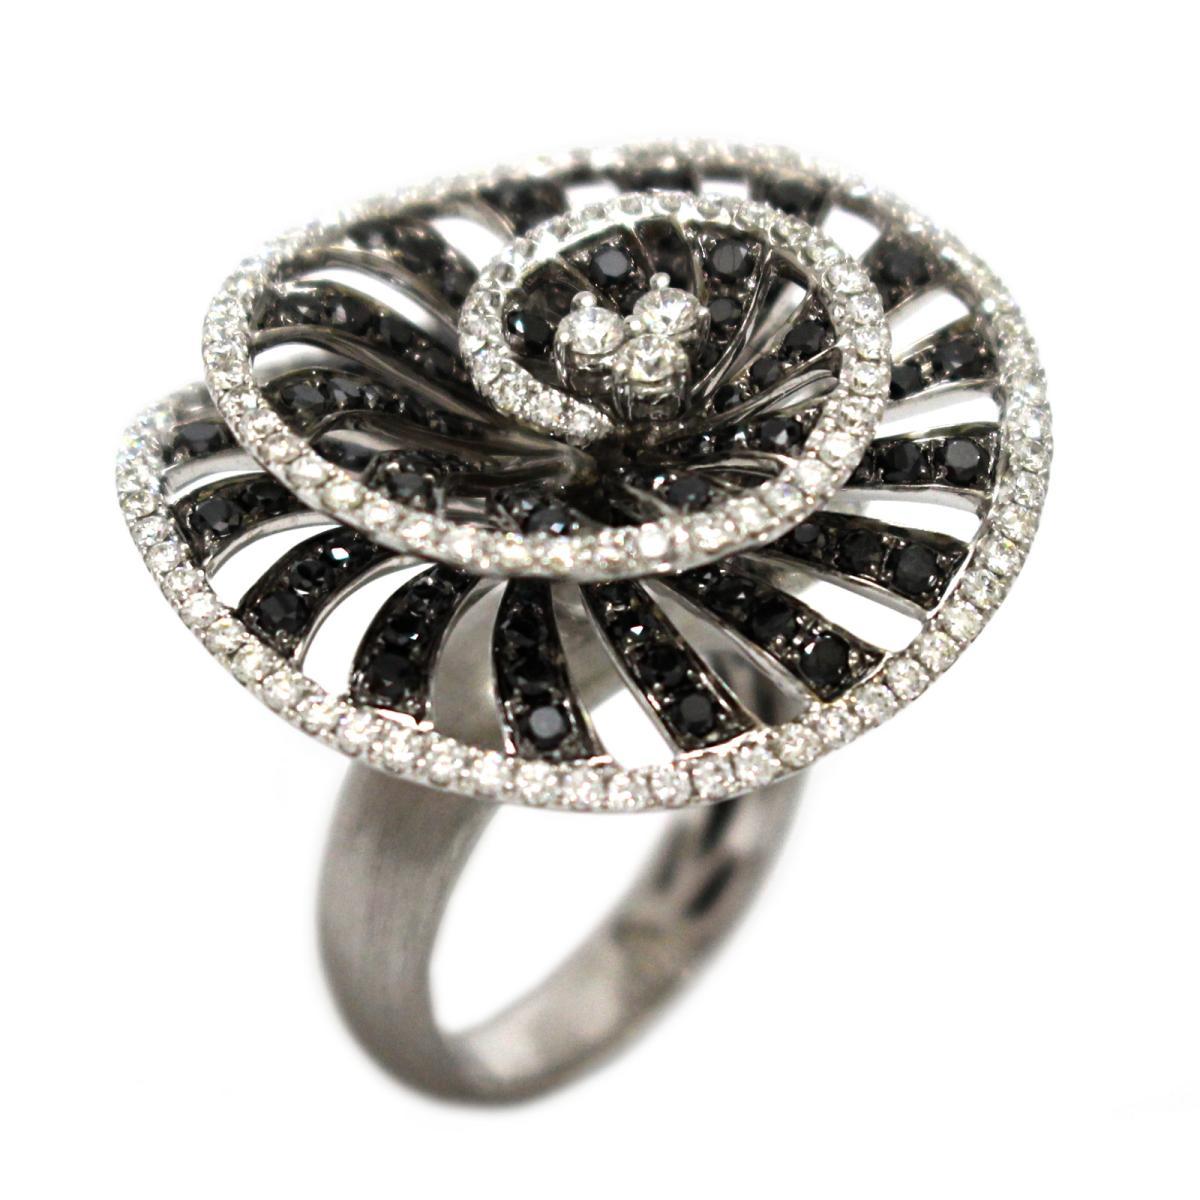 ジュエリー ブラックダイヤモンド リング 指輪 レディース K18WG (750) ホワイトゴールド x ダイヤモンド (3.36ct) ブラック クリアー 【中古】 | JEWELRY BRANDOFF ブランドオフ アクセサリー